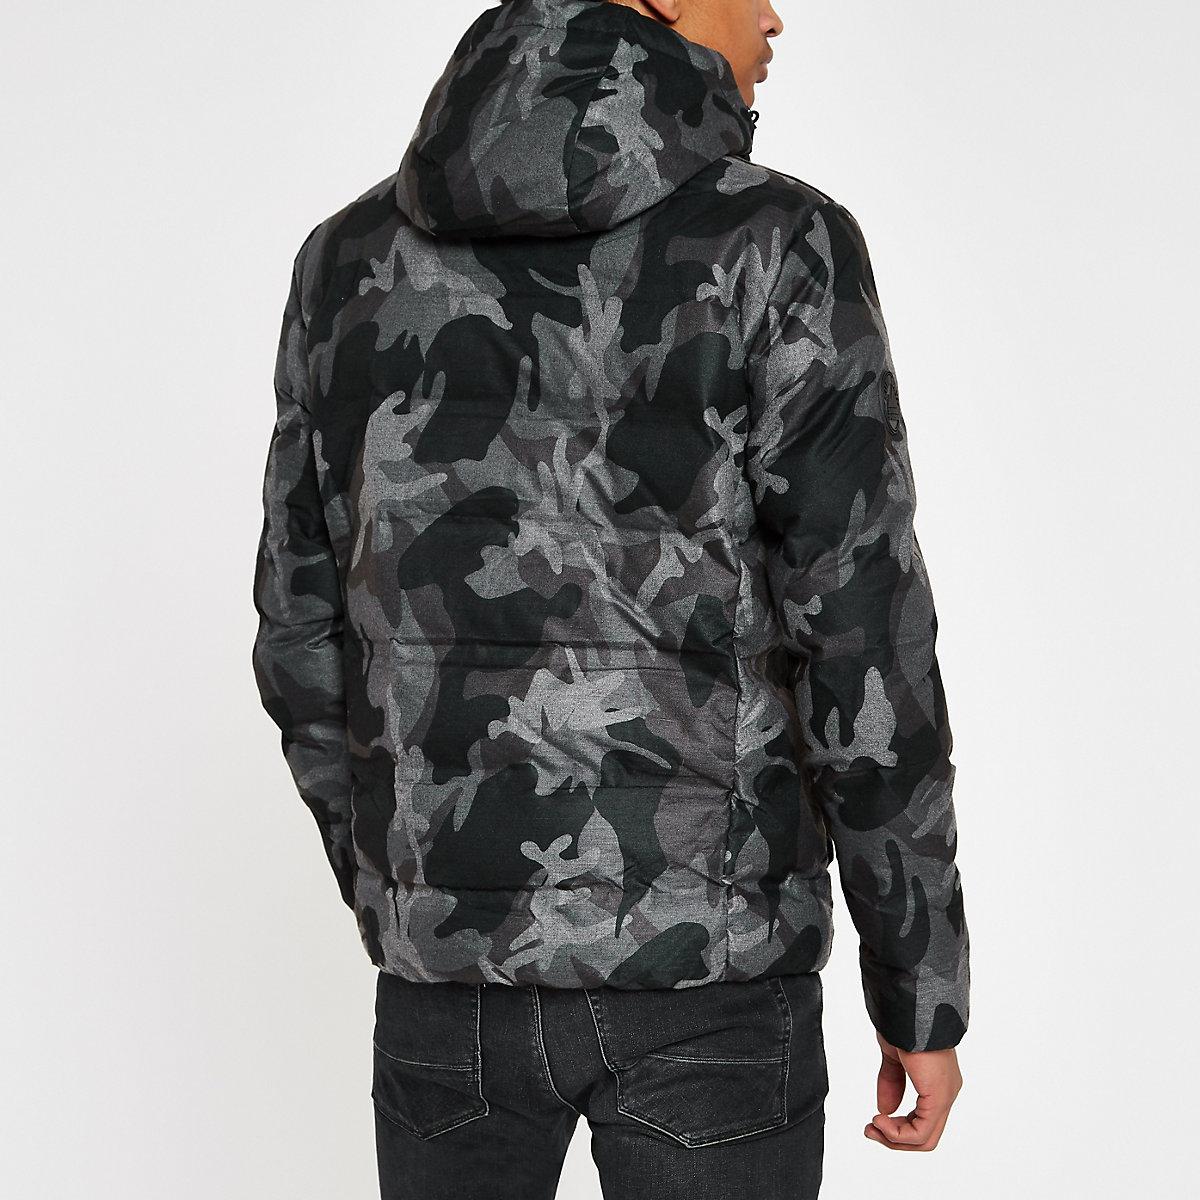 Superdry camo jacket